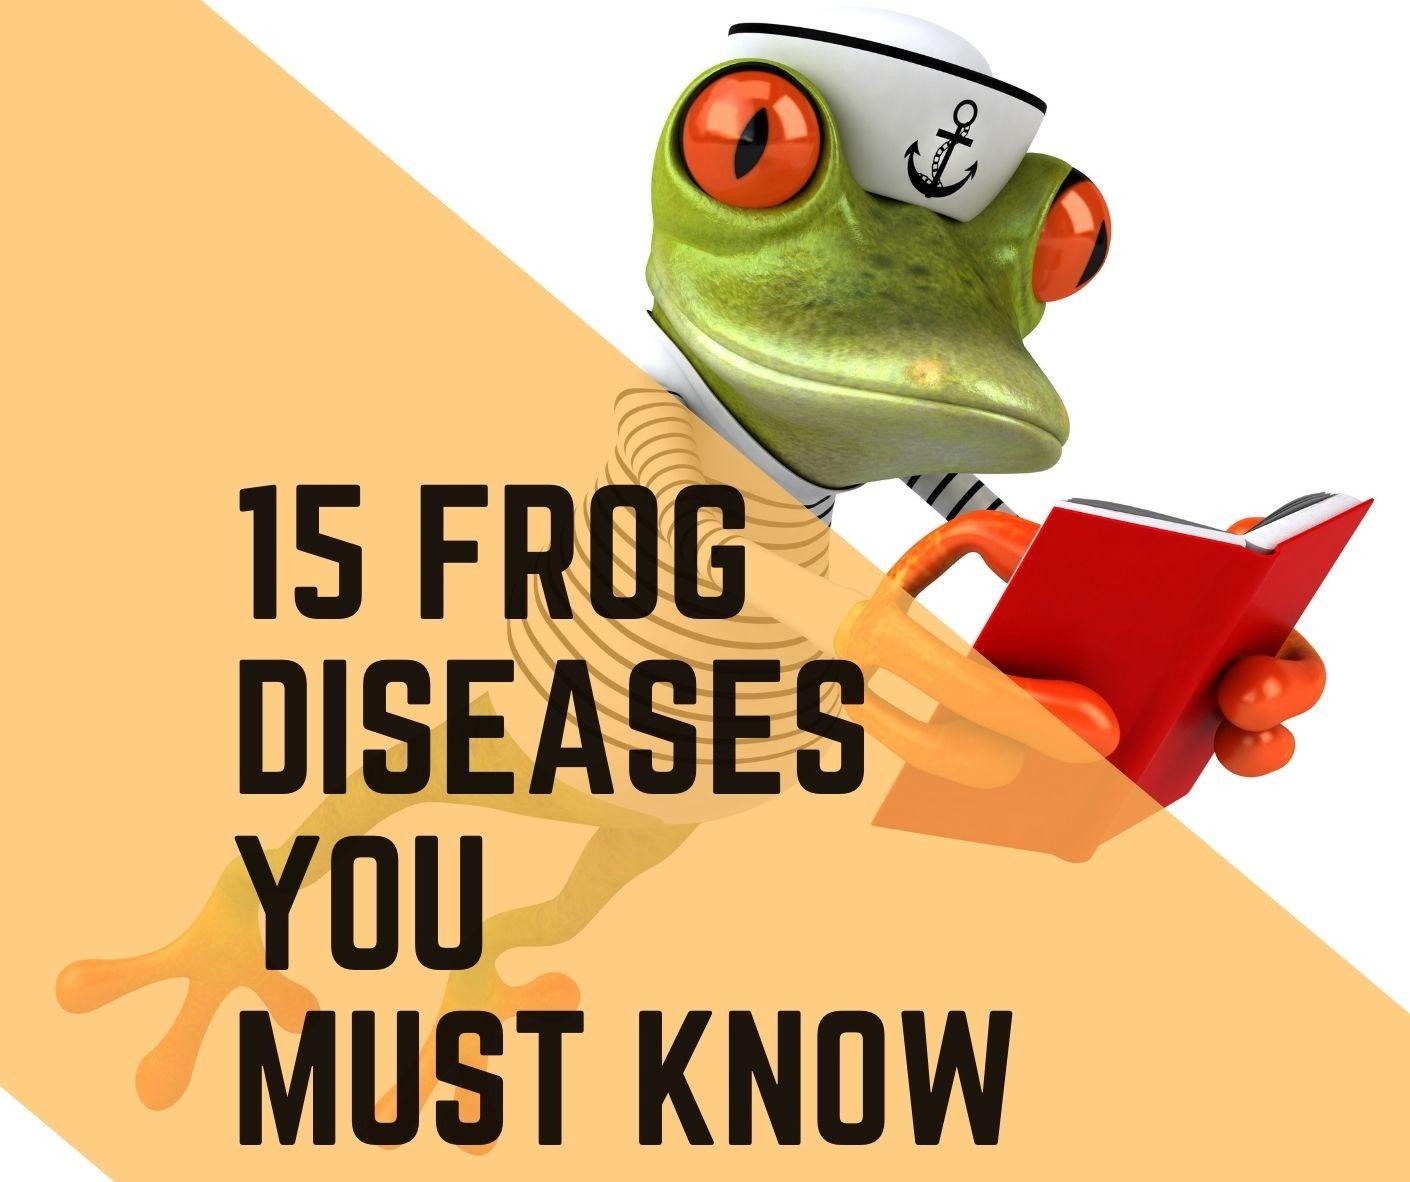 frog diseases